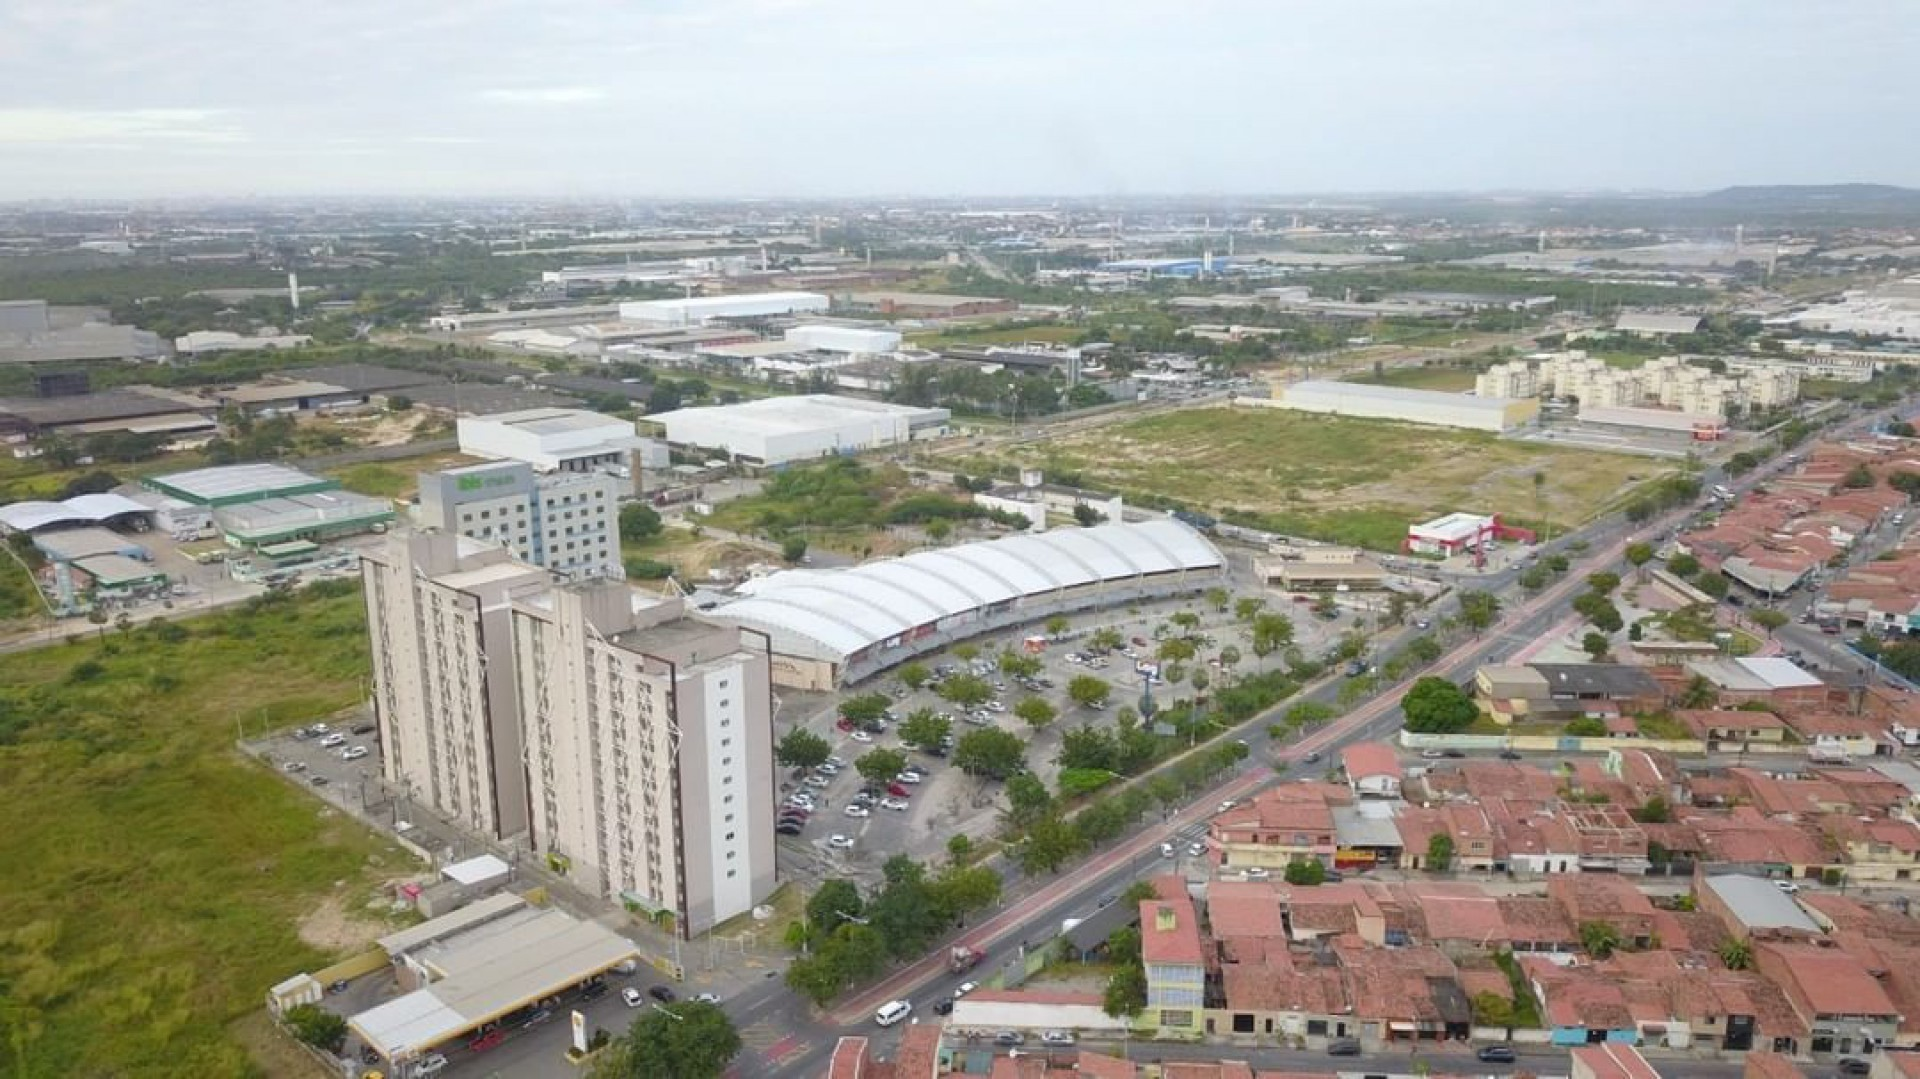 Vista aérea do município de Maracanaú, Região Metropolitana de Fortaleza